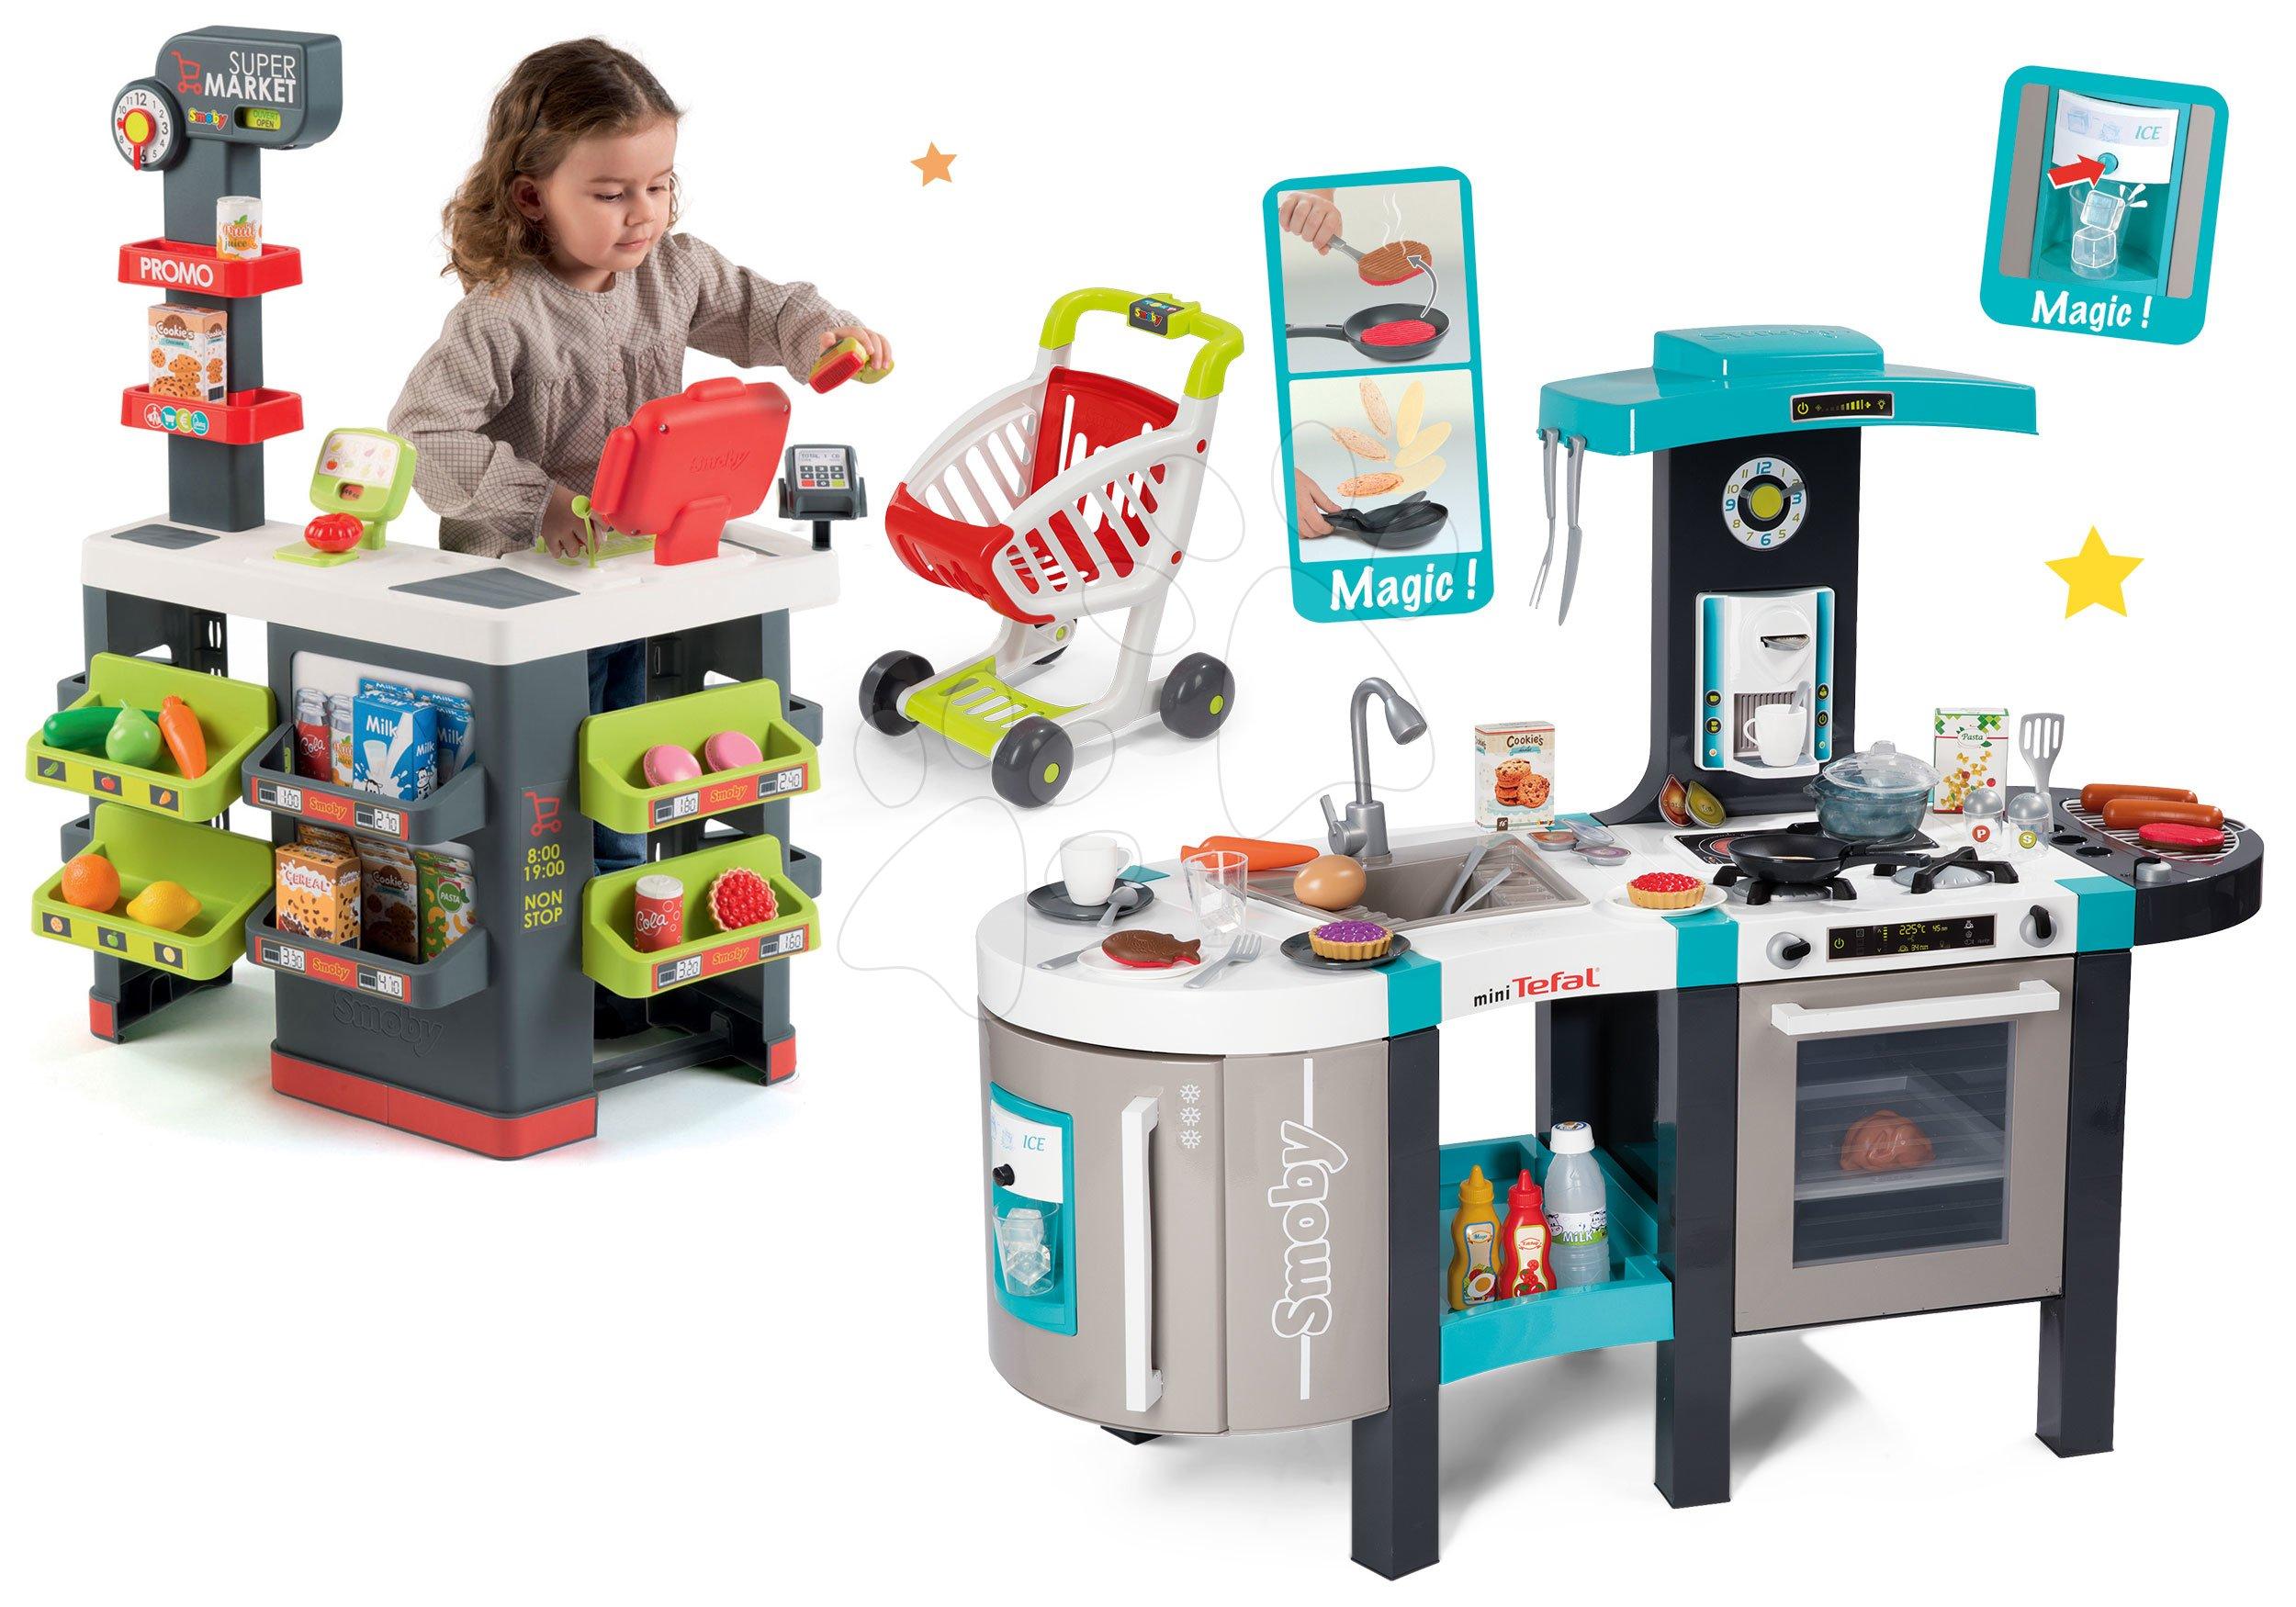 Set kuchyňka Tefal French Touch Smoby s ledem a kávovarem a obchod Supermarket s pokladnou